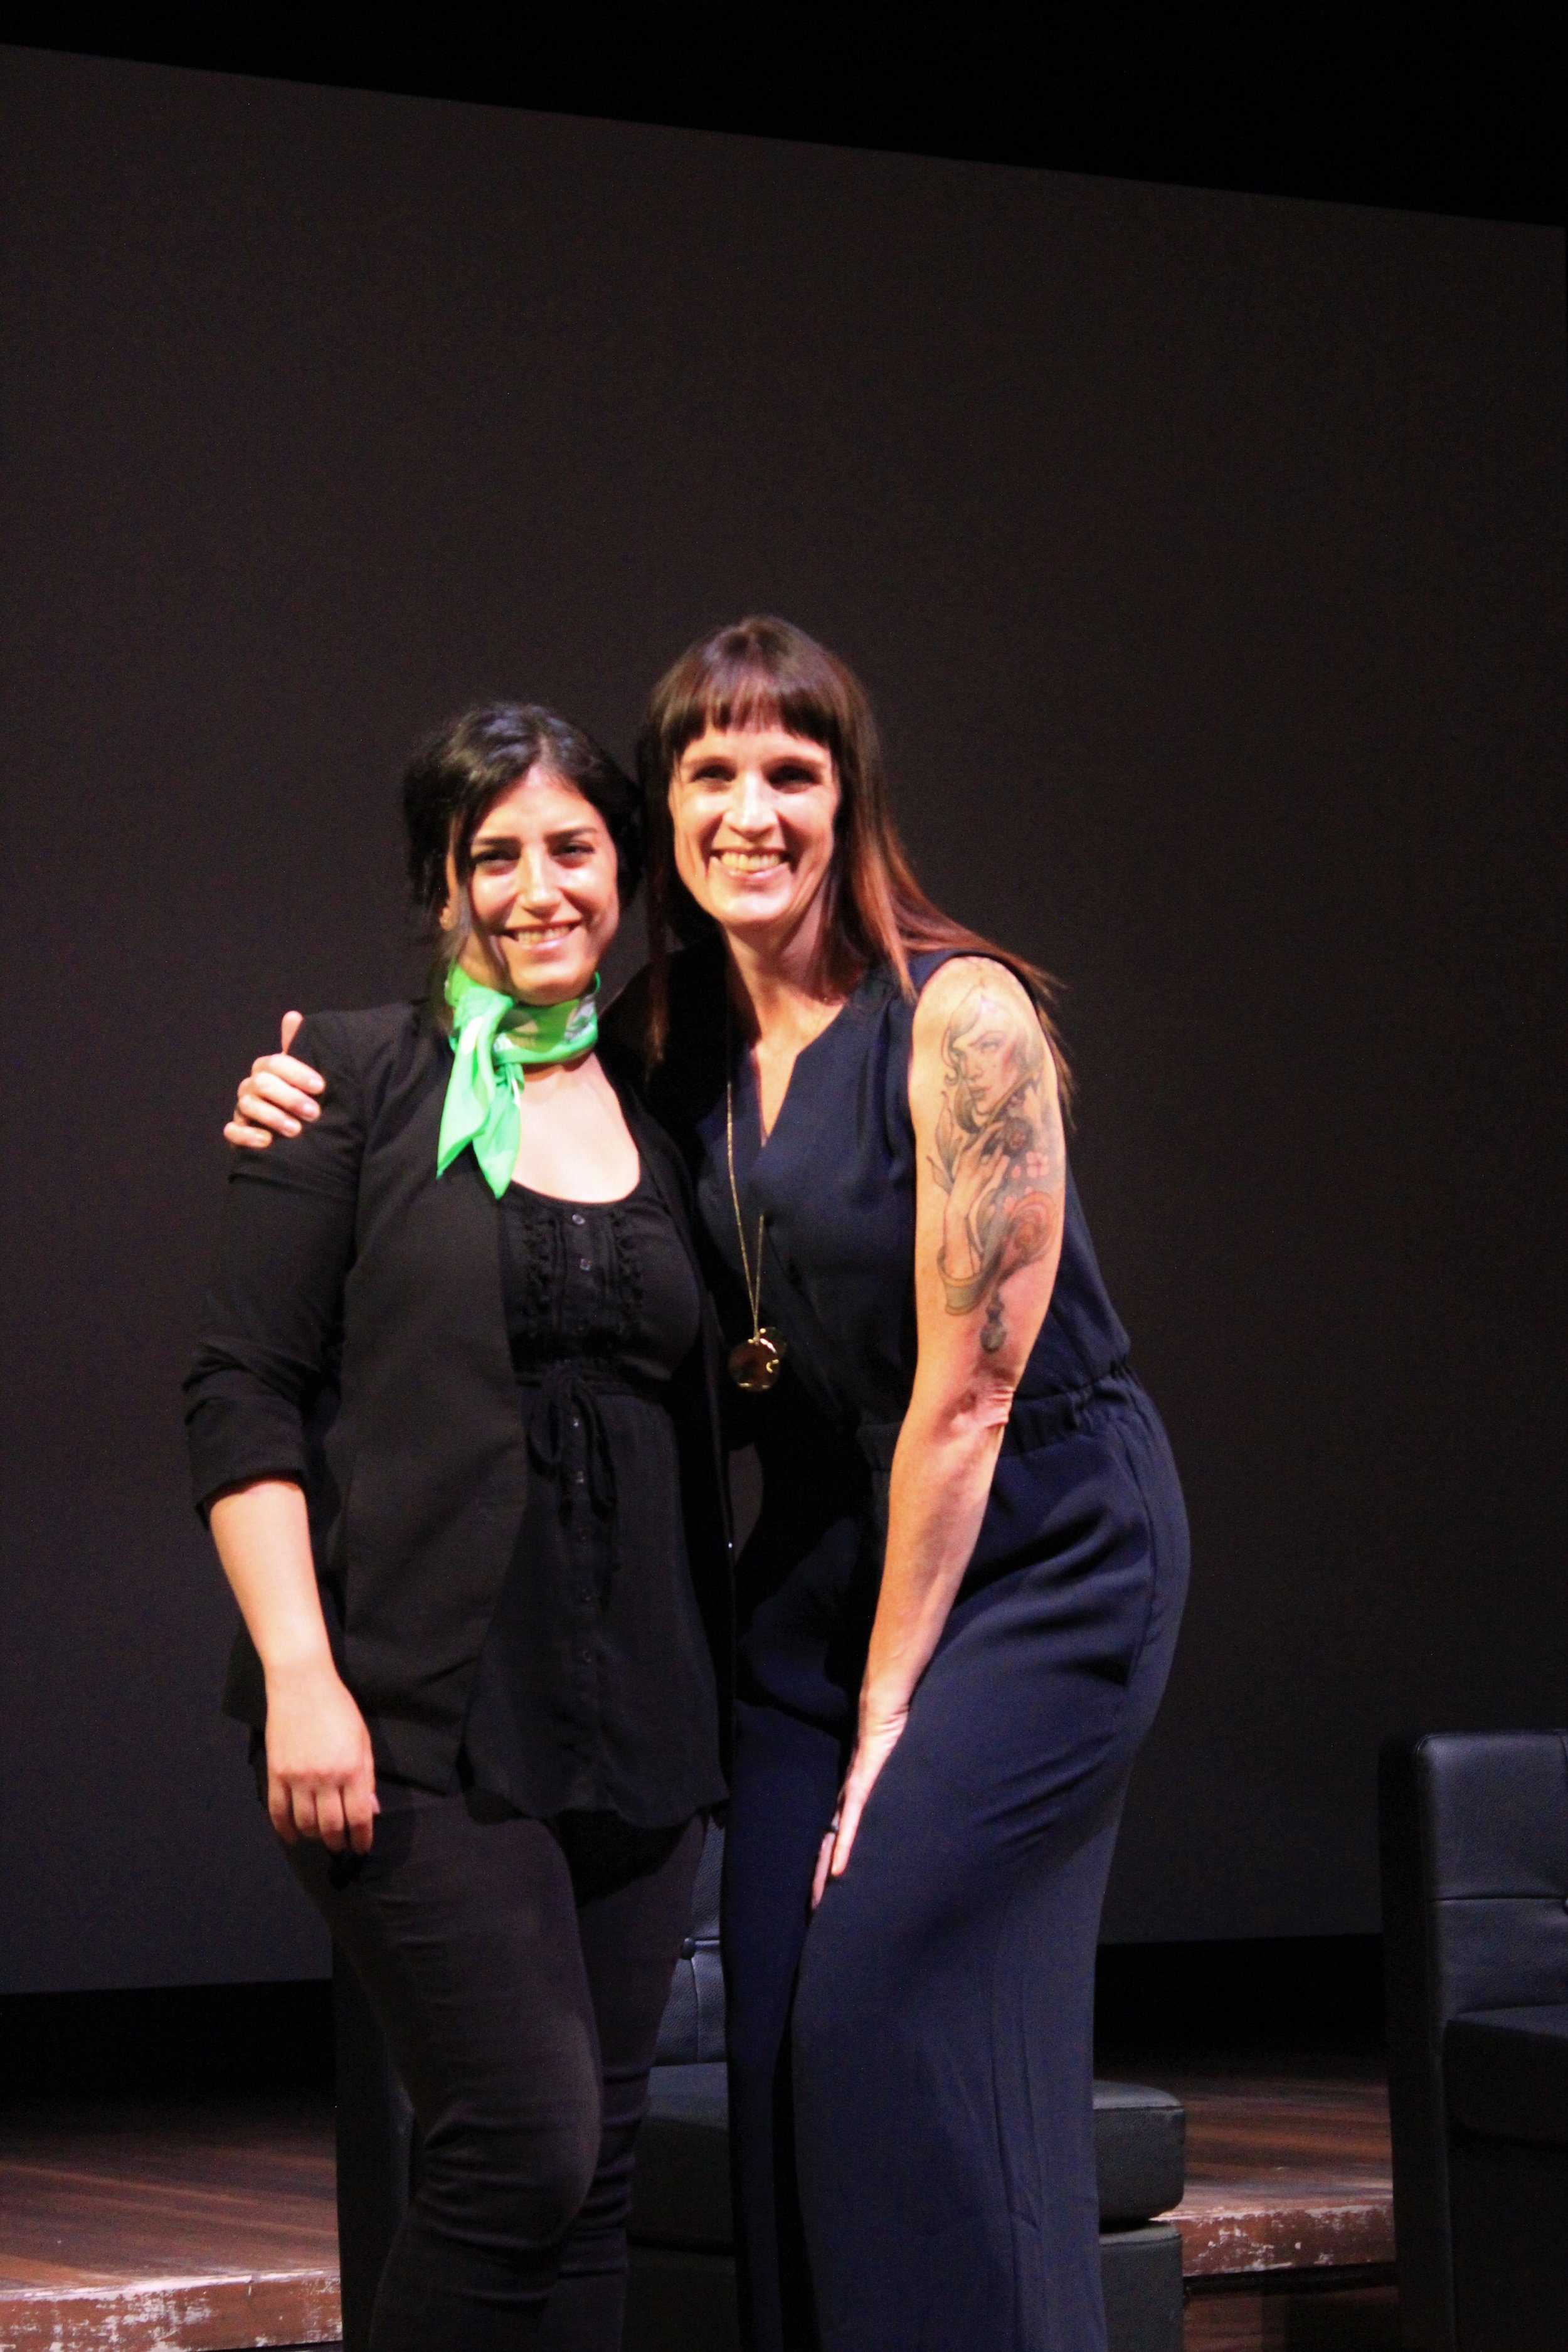 Arezou_Seifpour and Amy_Occhialino.jpg